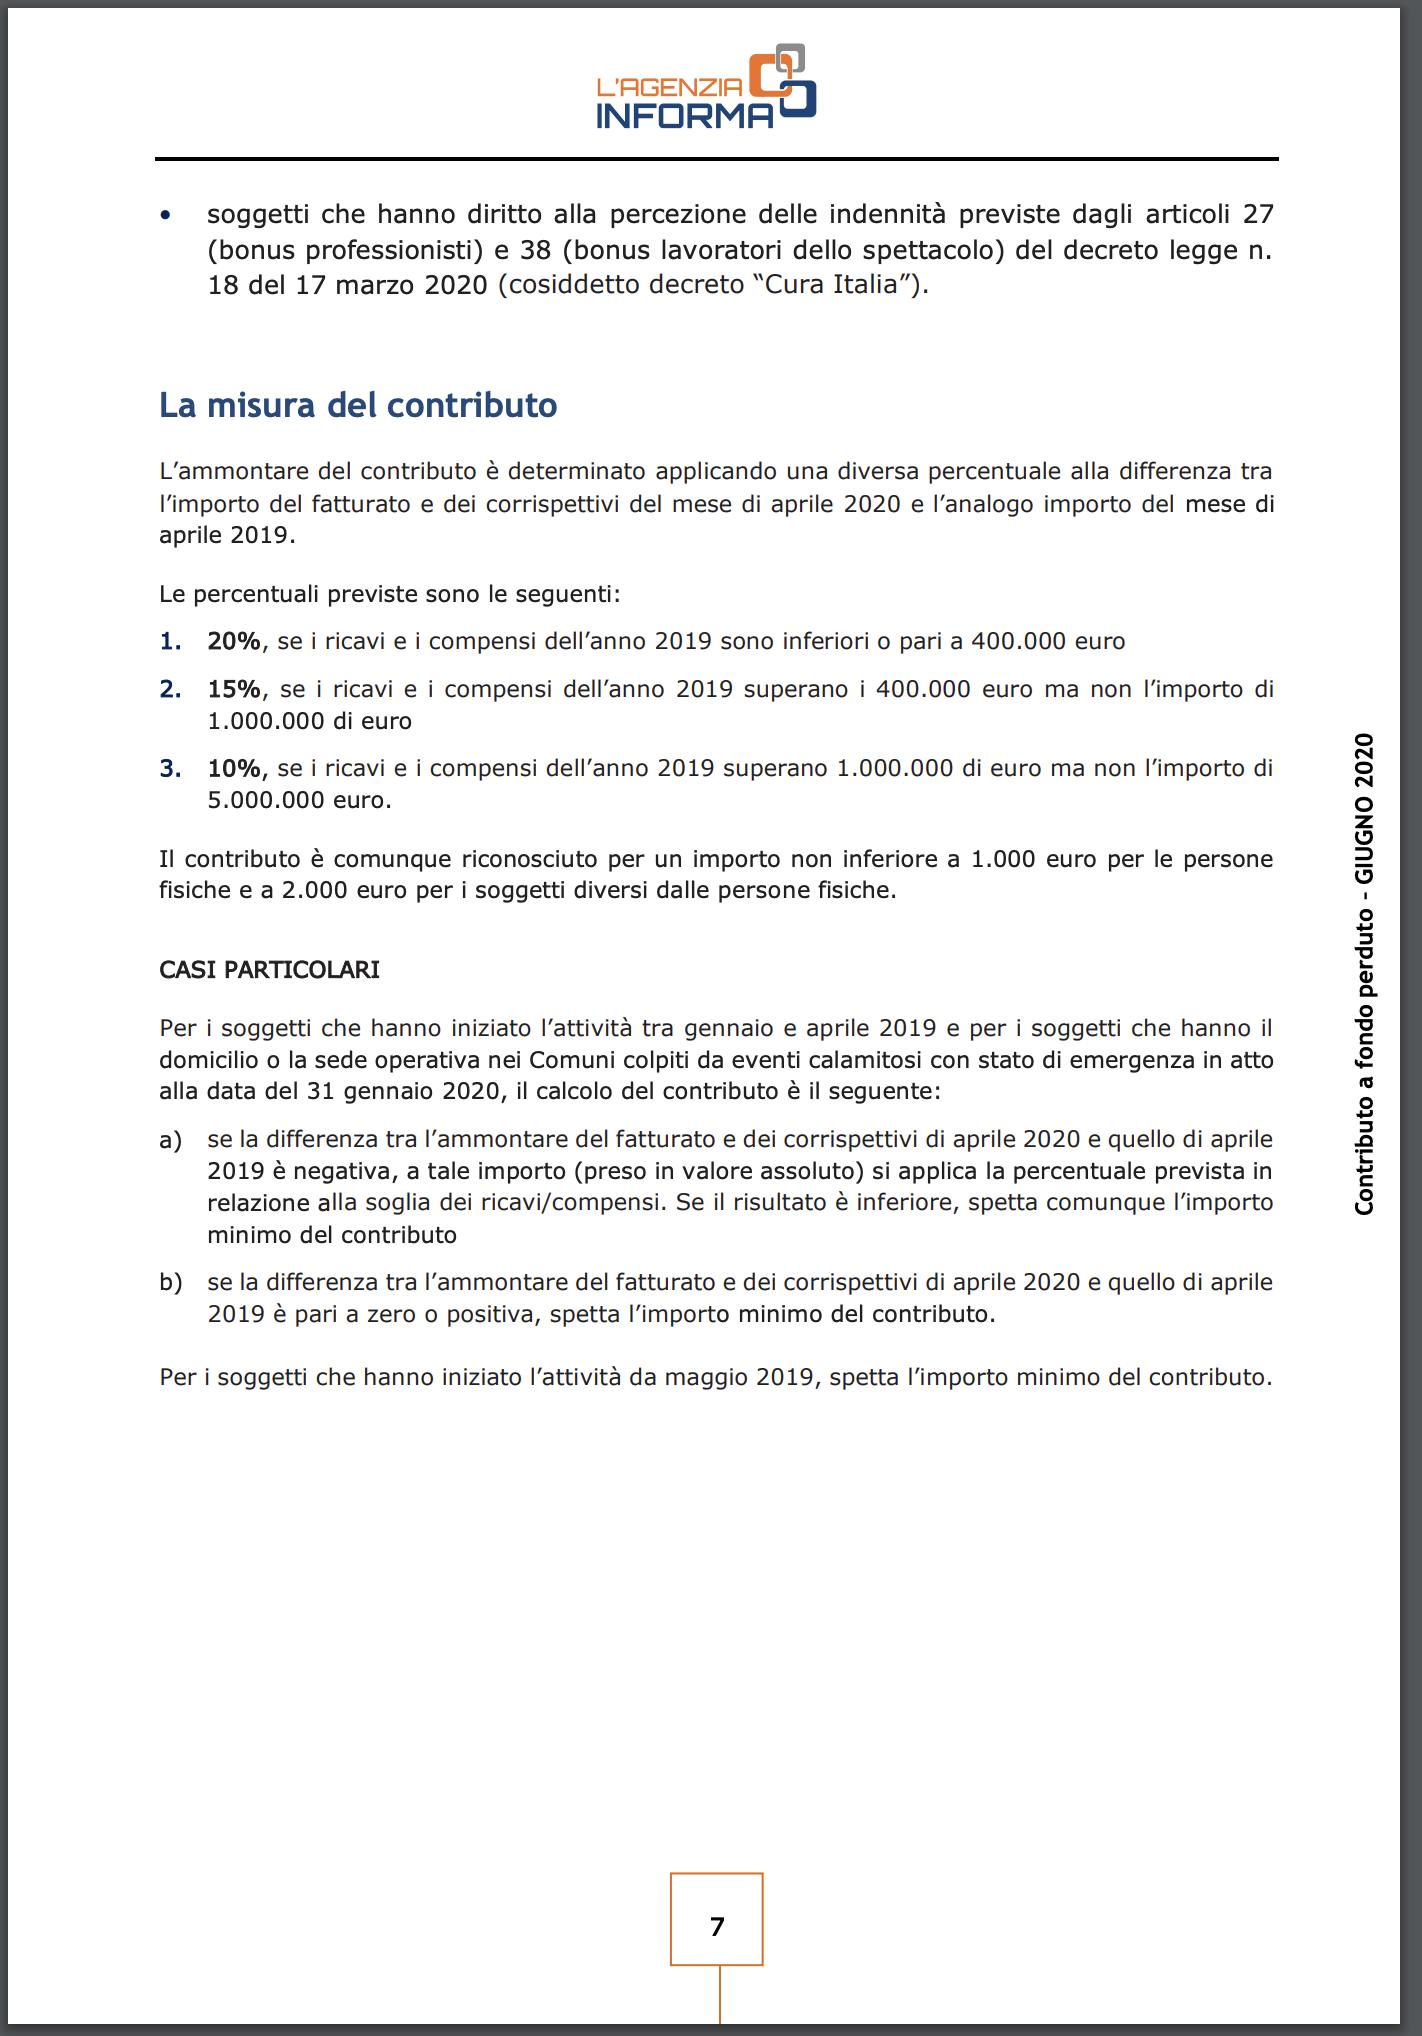 Contributo a Fondo Perduto Partite IVA 1.000 euro per Coronavirus